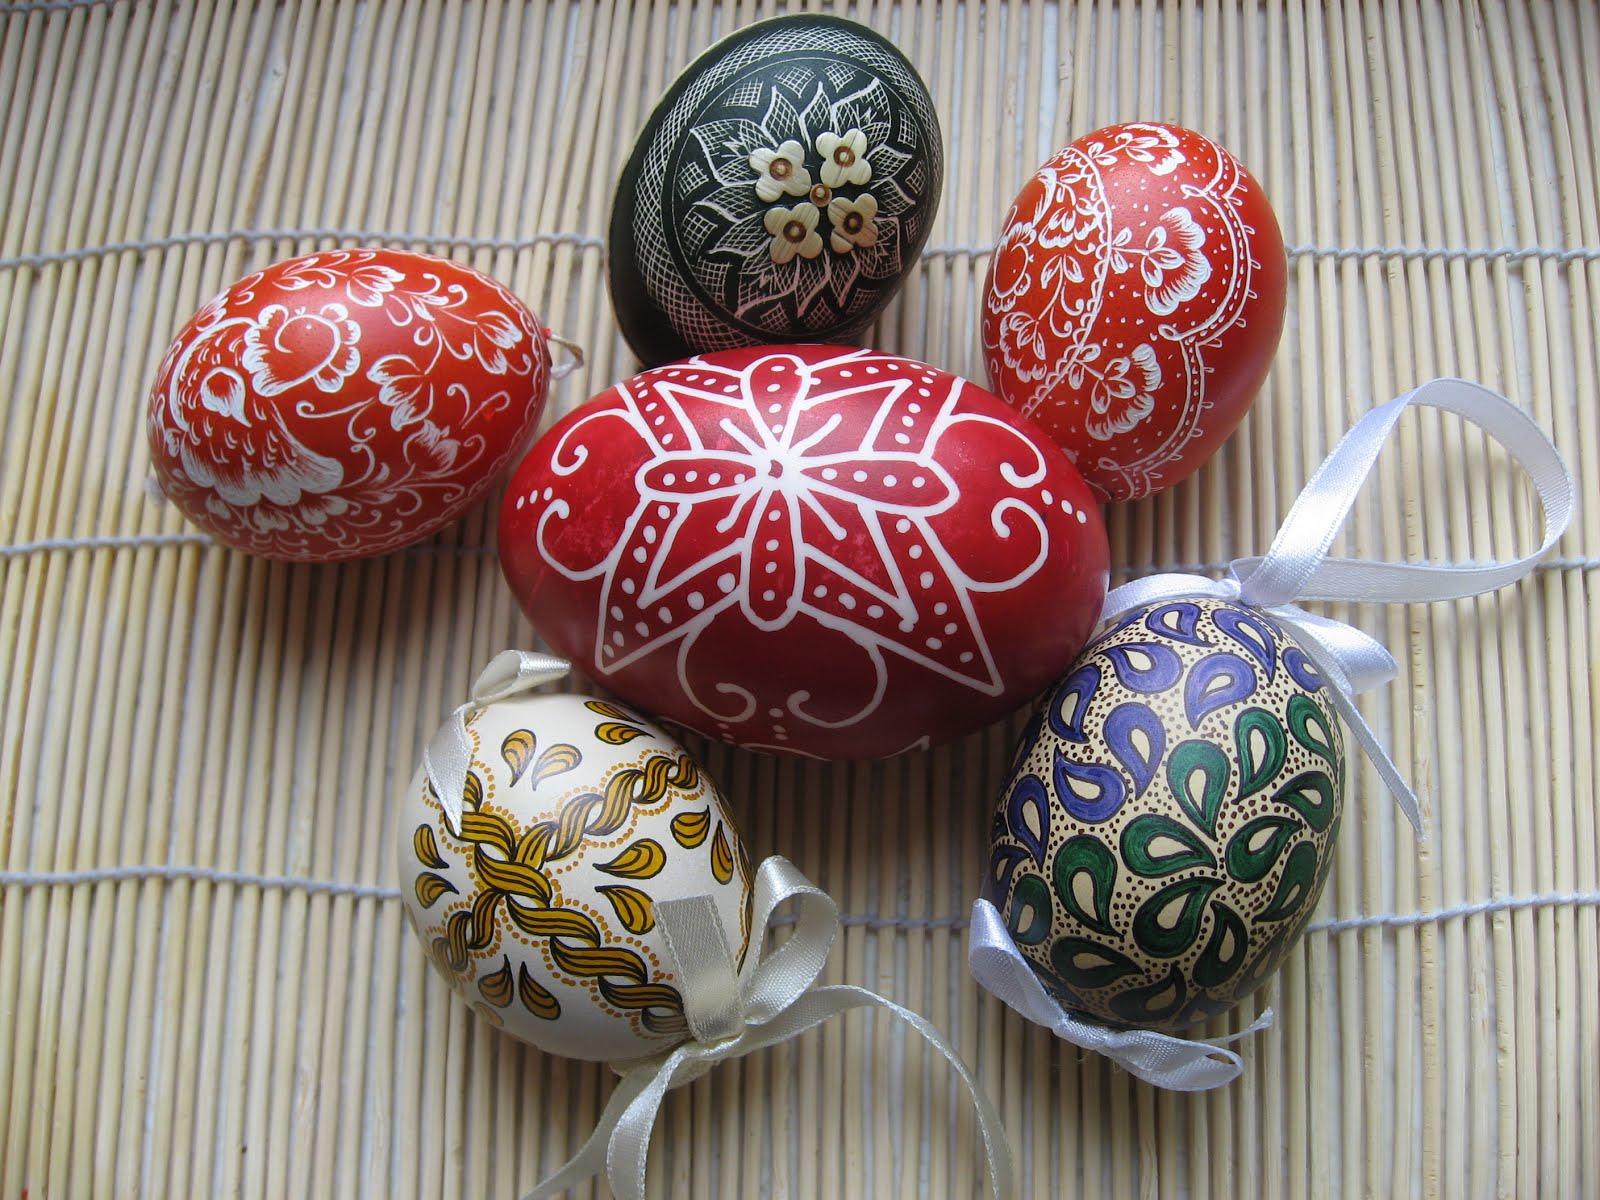 Szép húsvétot! Happy Easter!